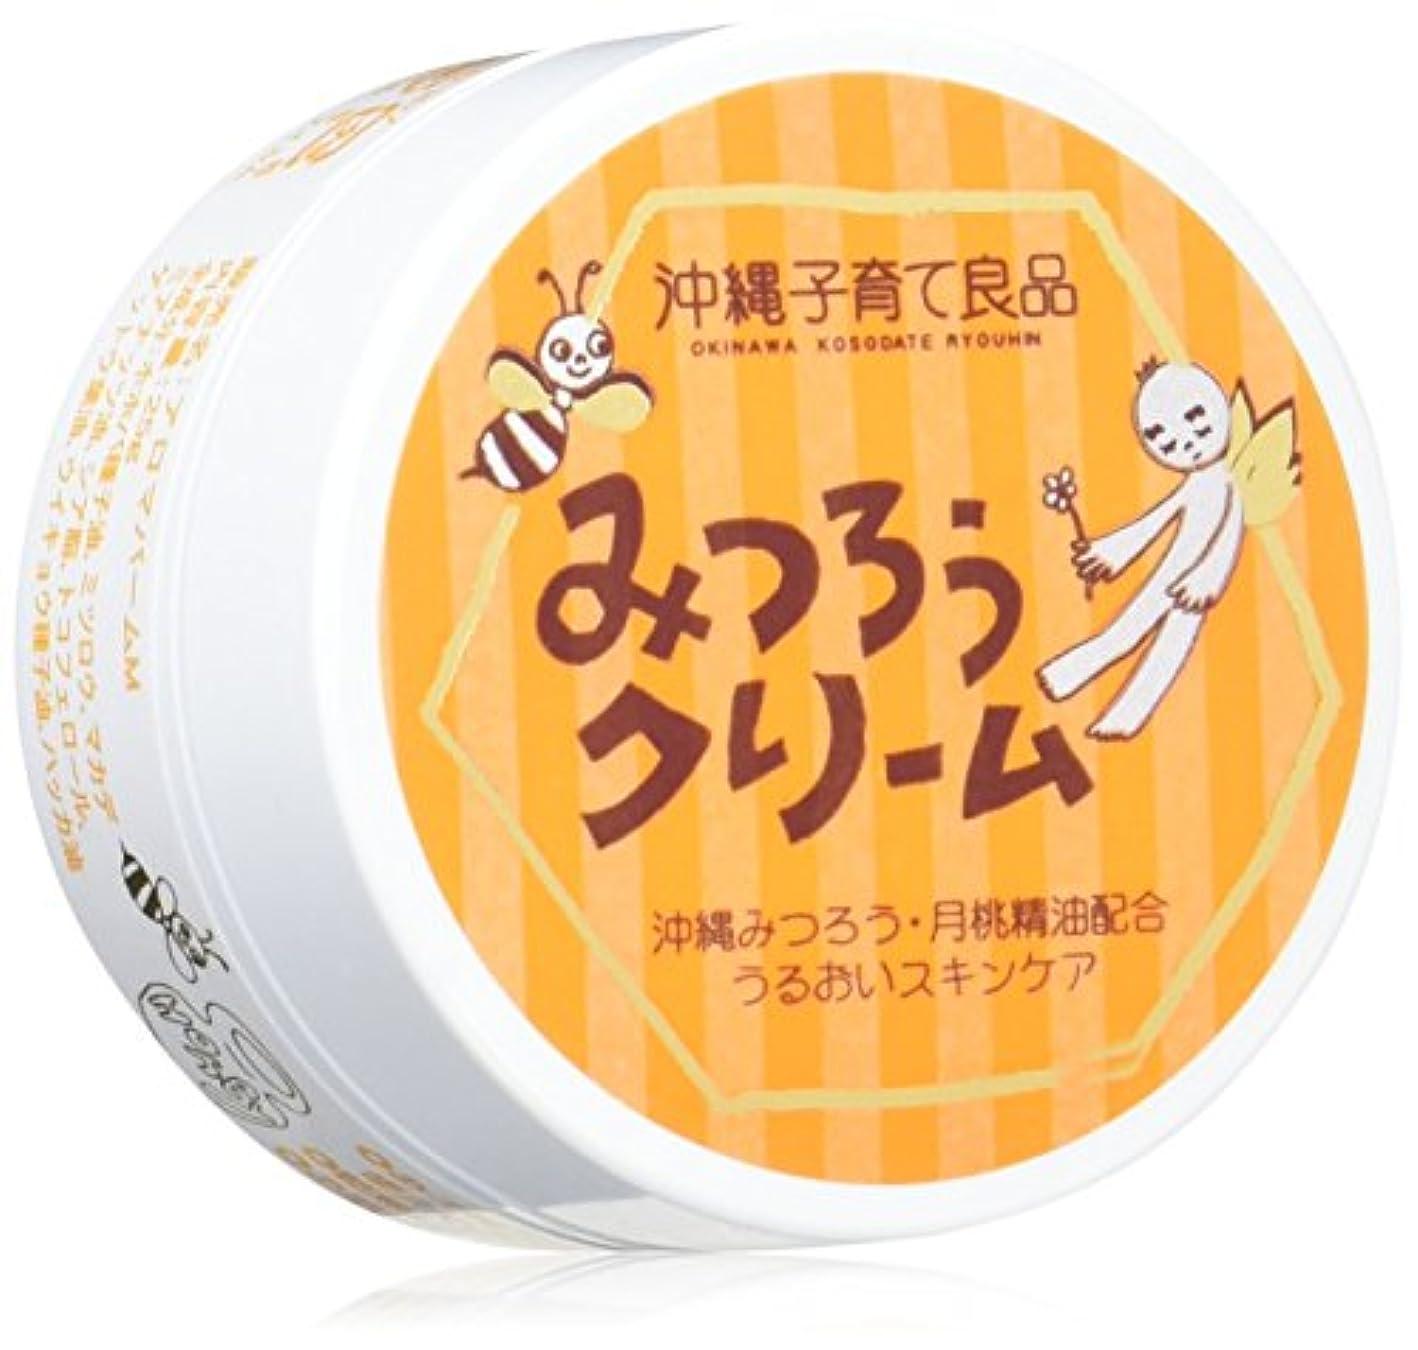 打撃輪郭通訳沖縄子育て良品 みつろうクリーム (25g)